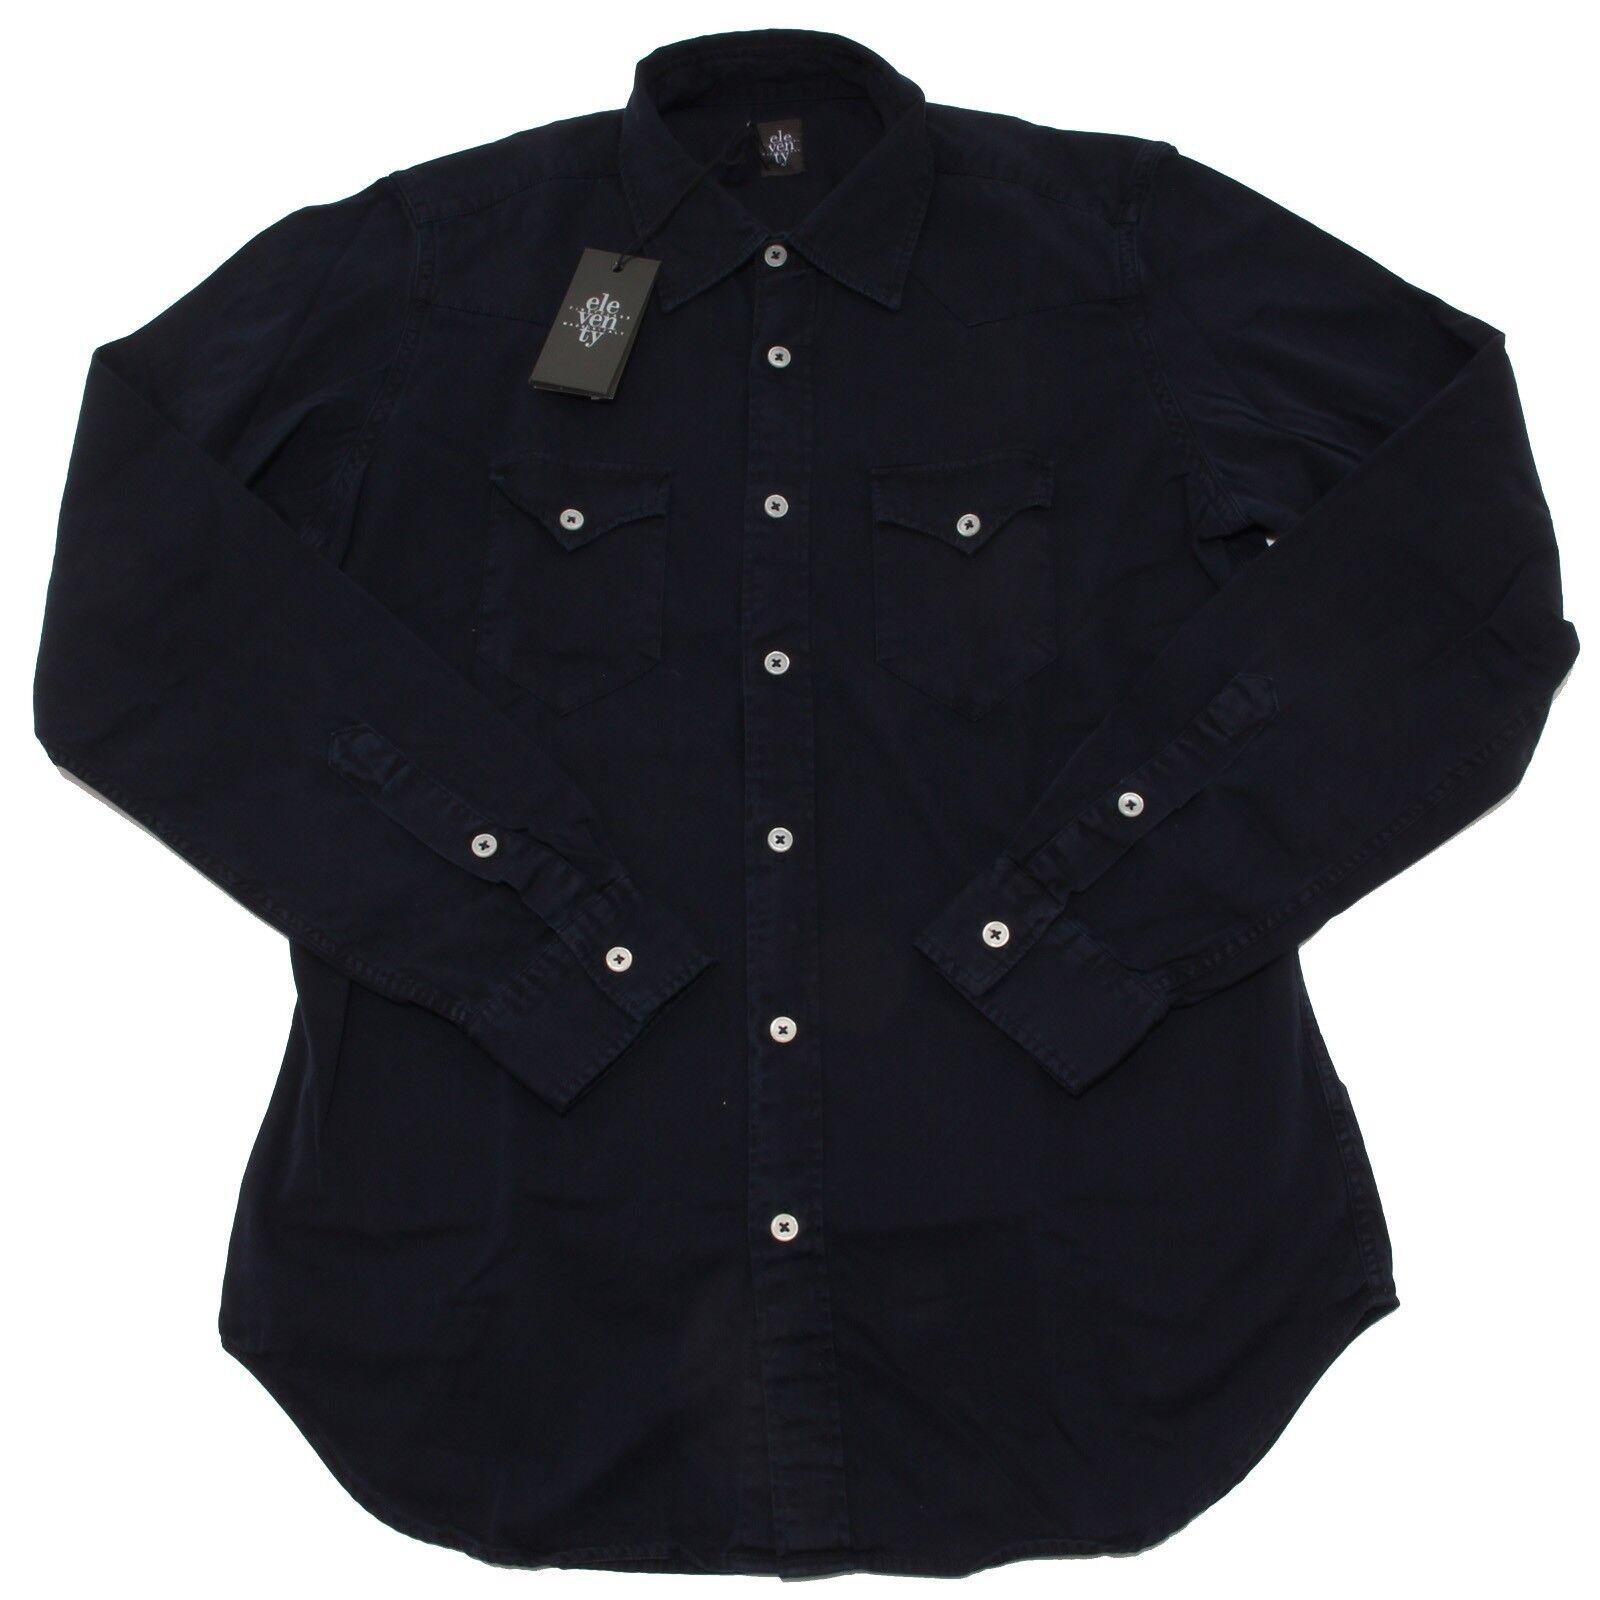 8351P camicia blu manica lunga ELEVENTY  camicia uomo shirt men